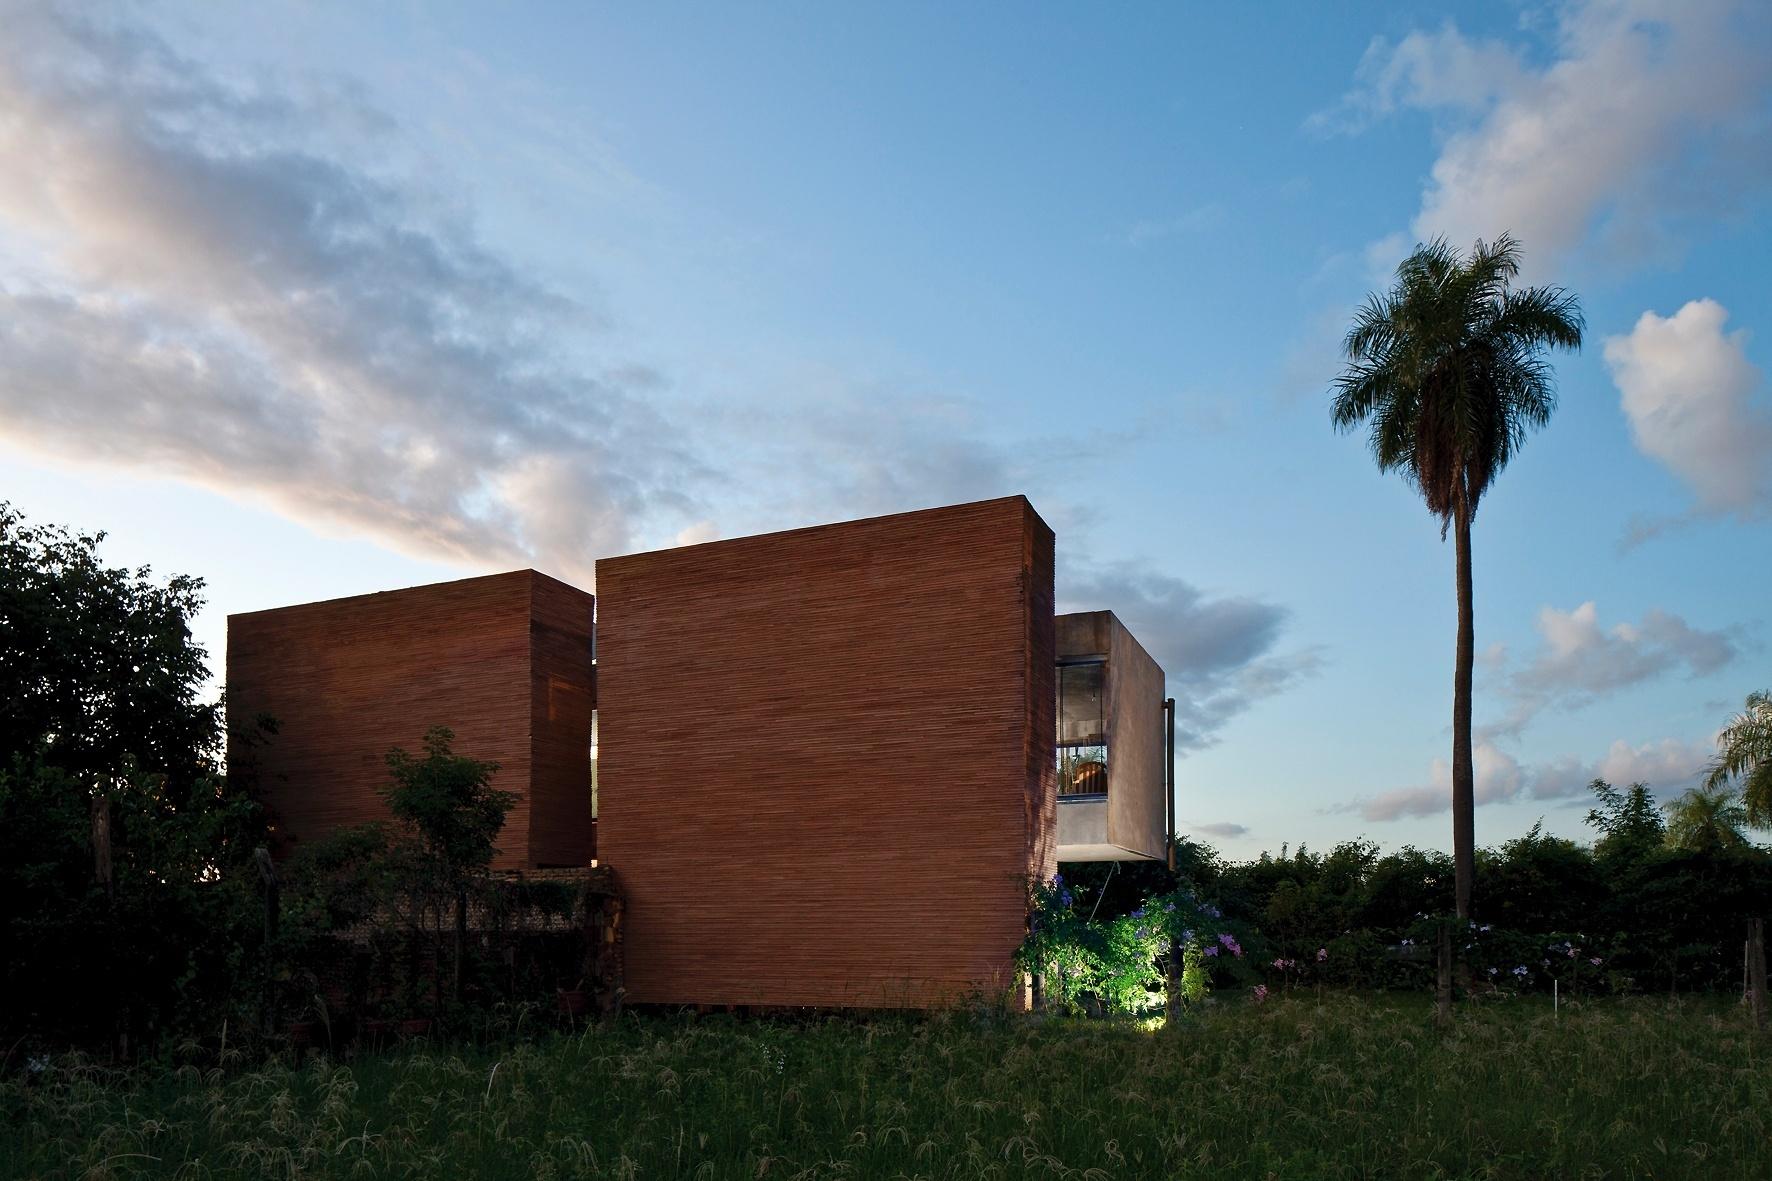 As duas caixas-contrapeso, dos fundos da casa (escadas e serviços) servem como escudos contra o vento sul, tipicamente frio e úmido. Elas fixam-se aos pilares por insertes metálicos e seu revestimento é feito com espécie de canjiquinha cerâmica, chamada